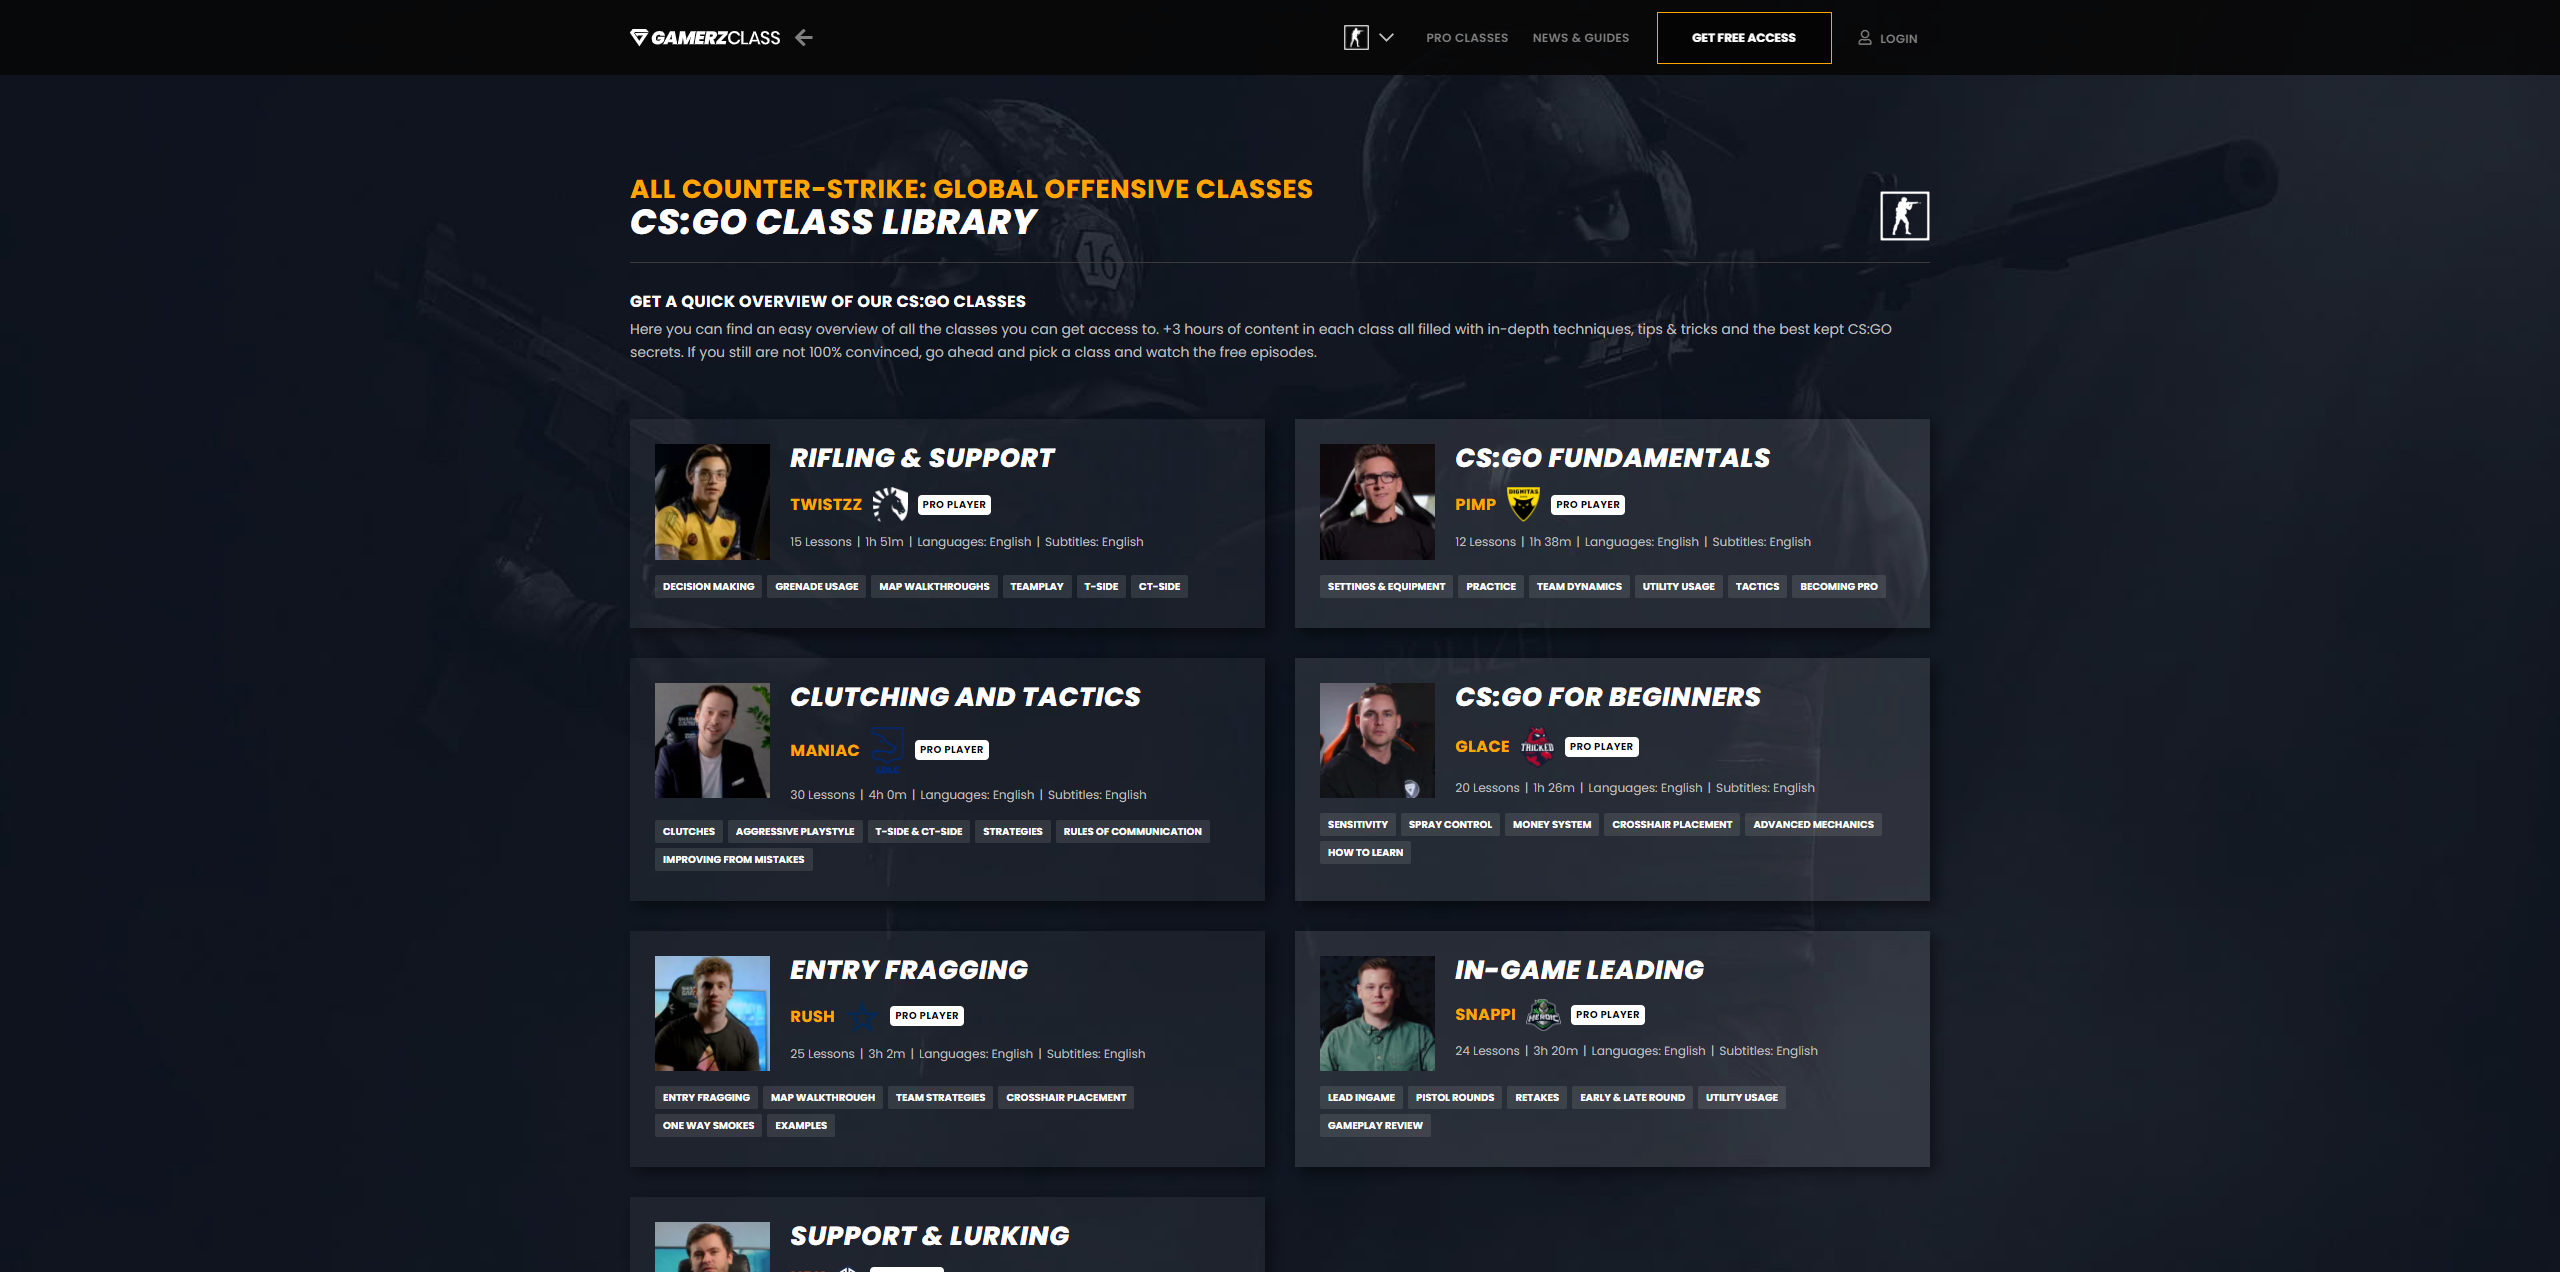 CSGO Course Gamerzclass